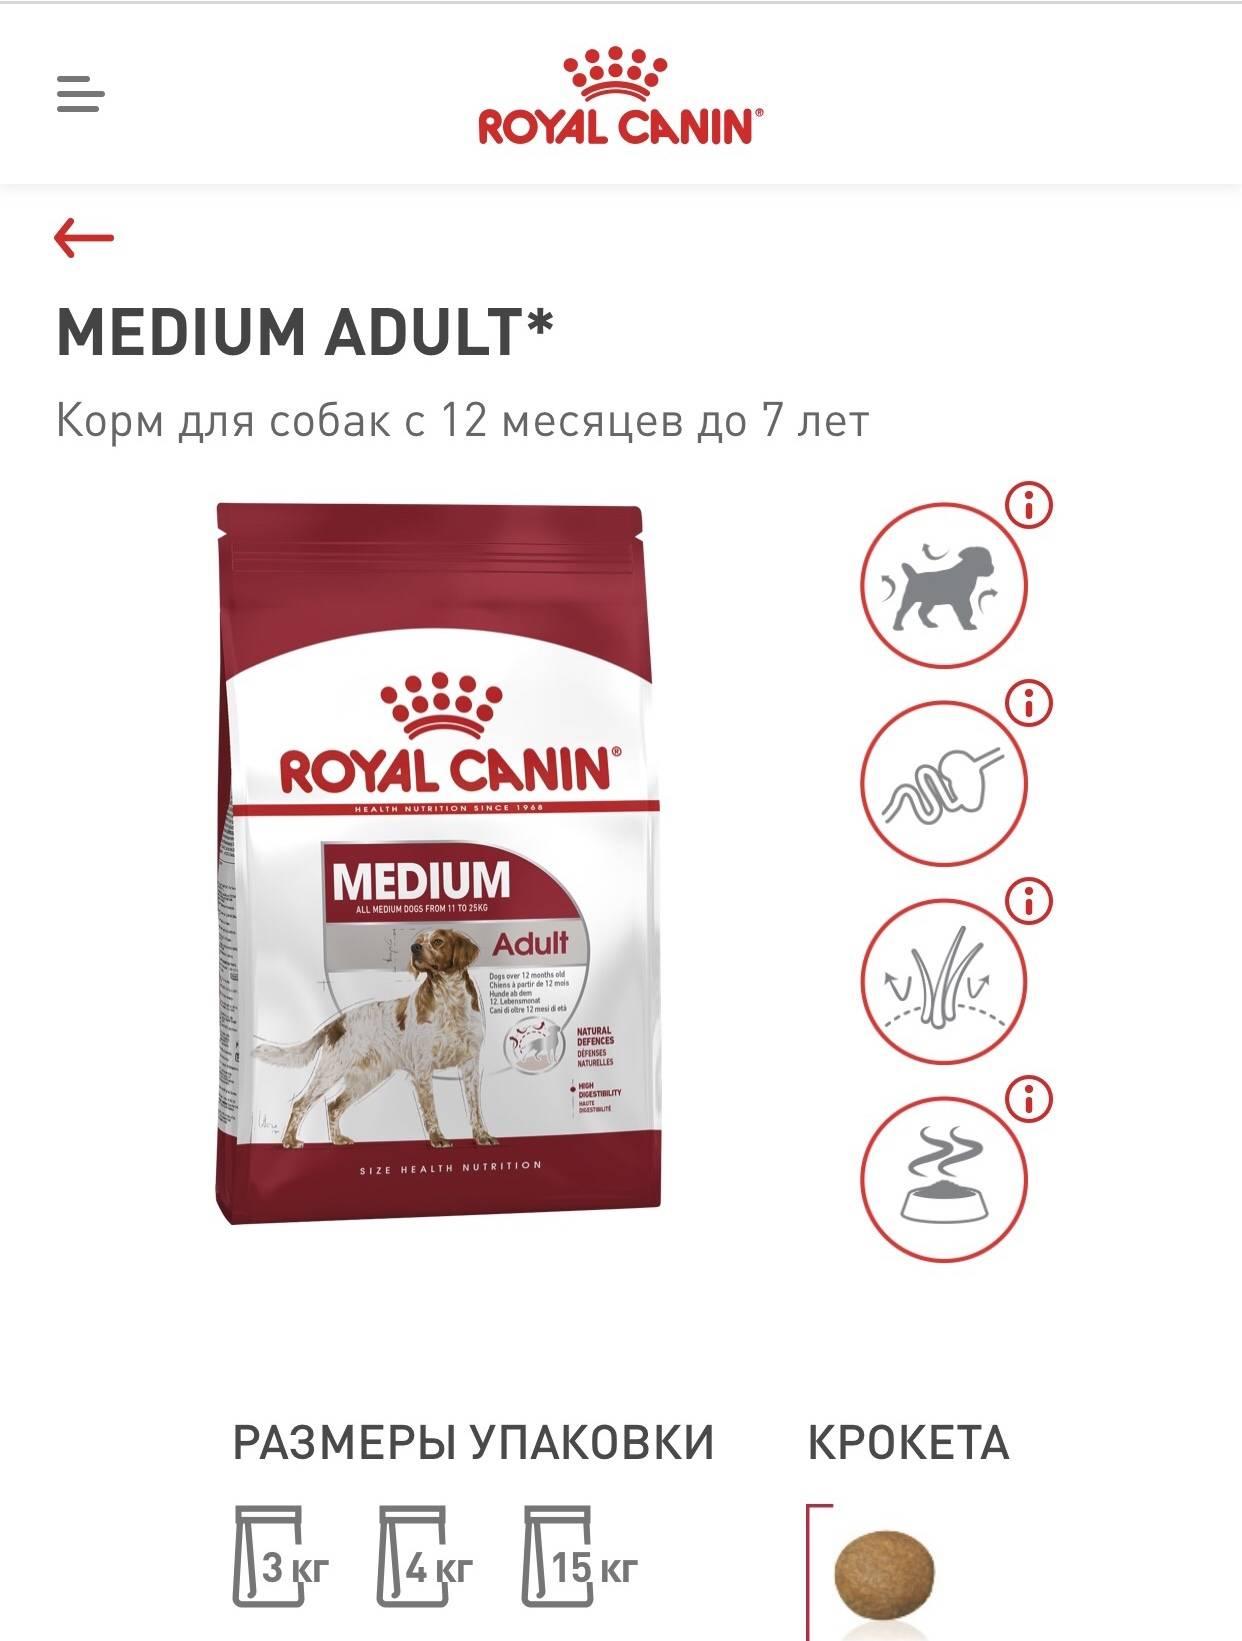 Корма премиум класса для собак: список, рейтинг, отзывы - петобзор